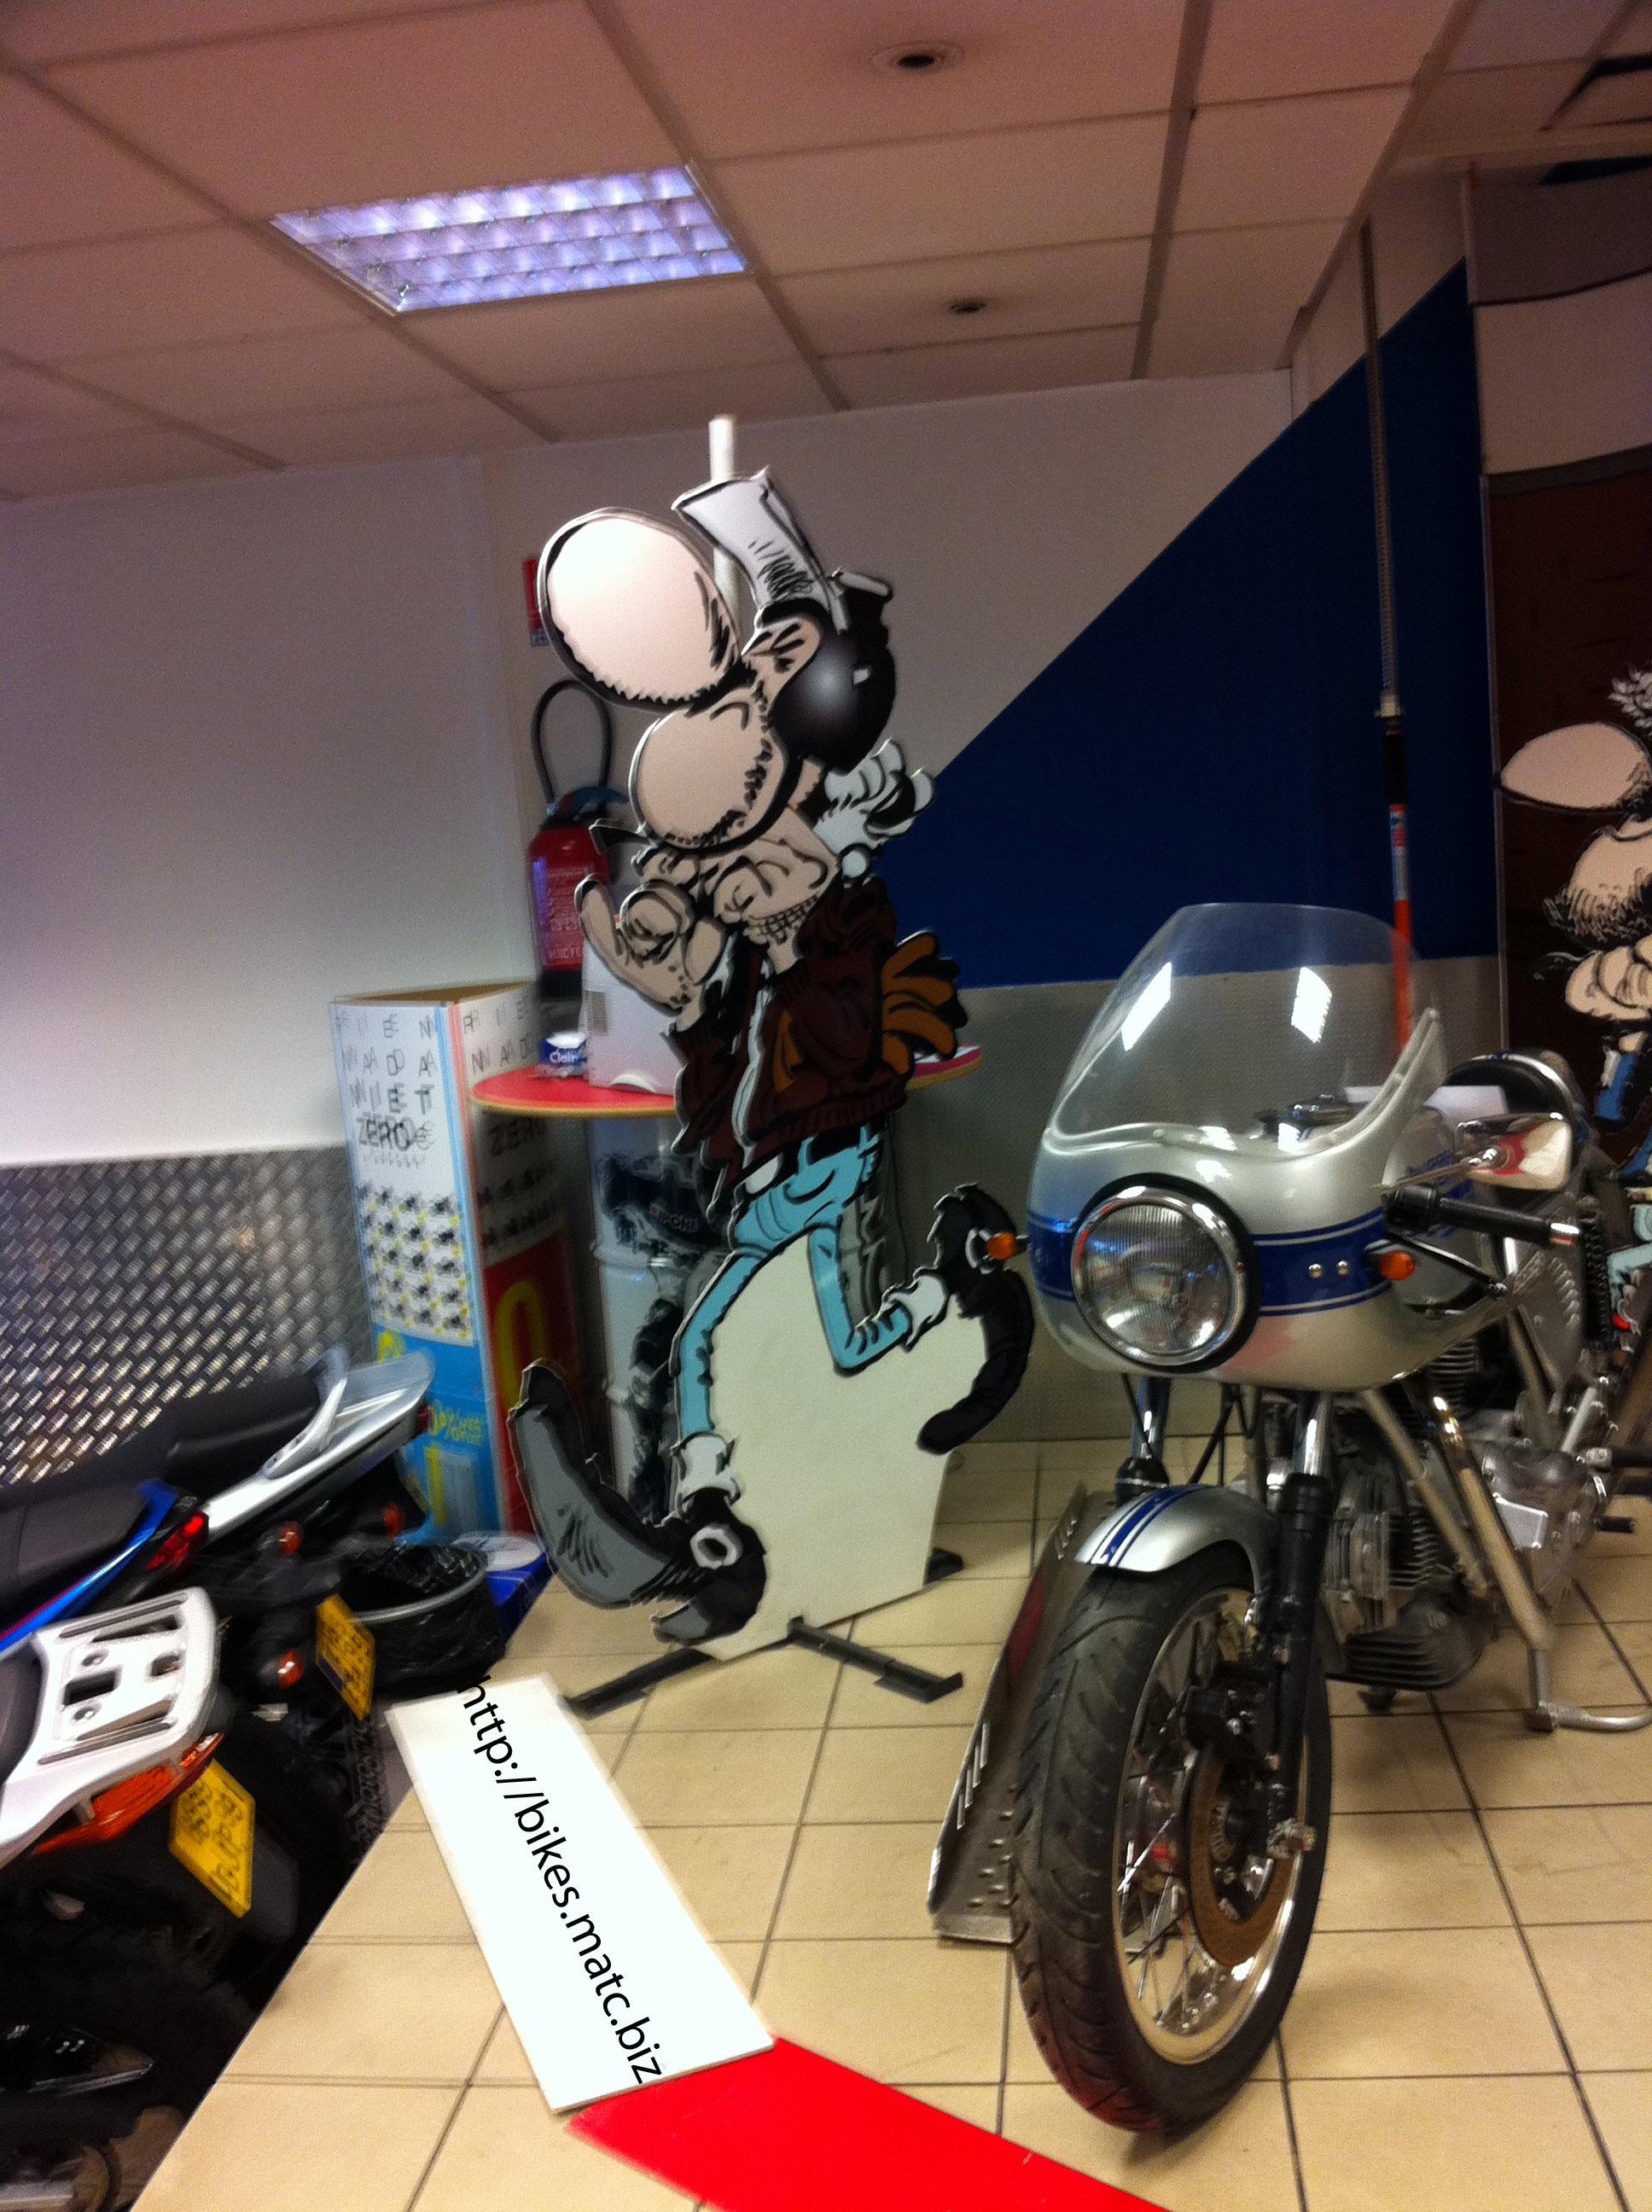 rencontre motard gratuit Saint-Quentin